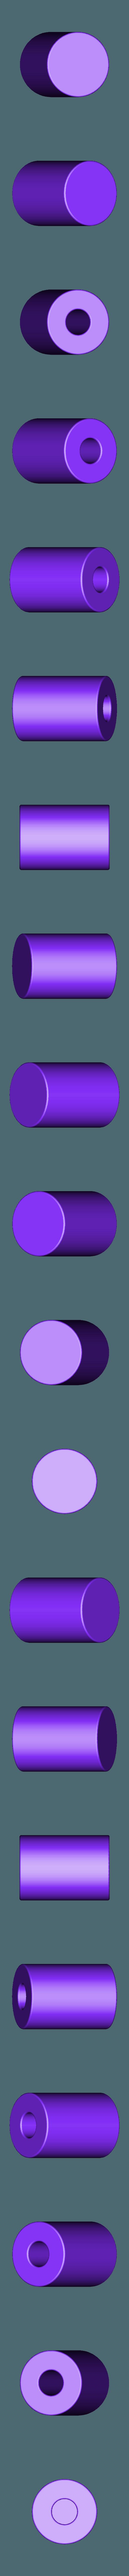 lain_bearing_blind_hole.STL Télécharger fichier STL gratuit Nettoyant pour panne à souder • Modèle à imprimer en 3D, perinski